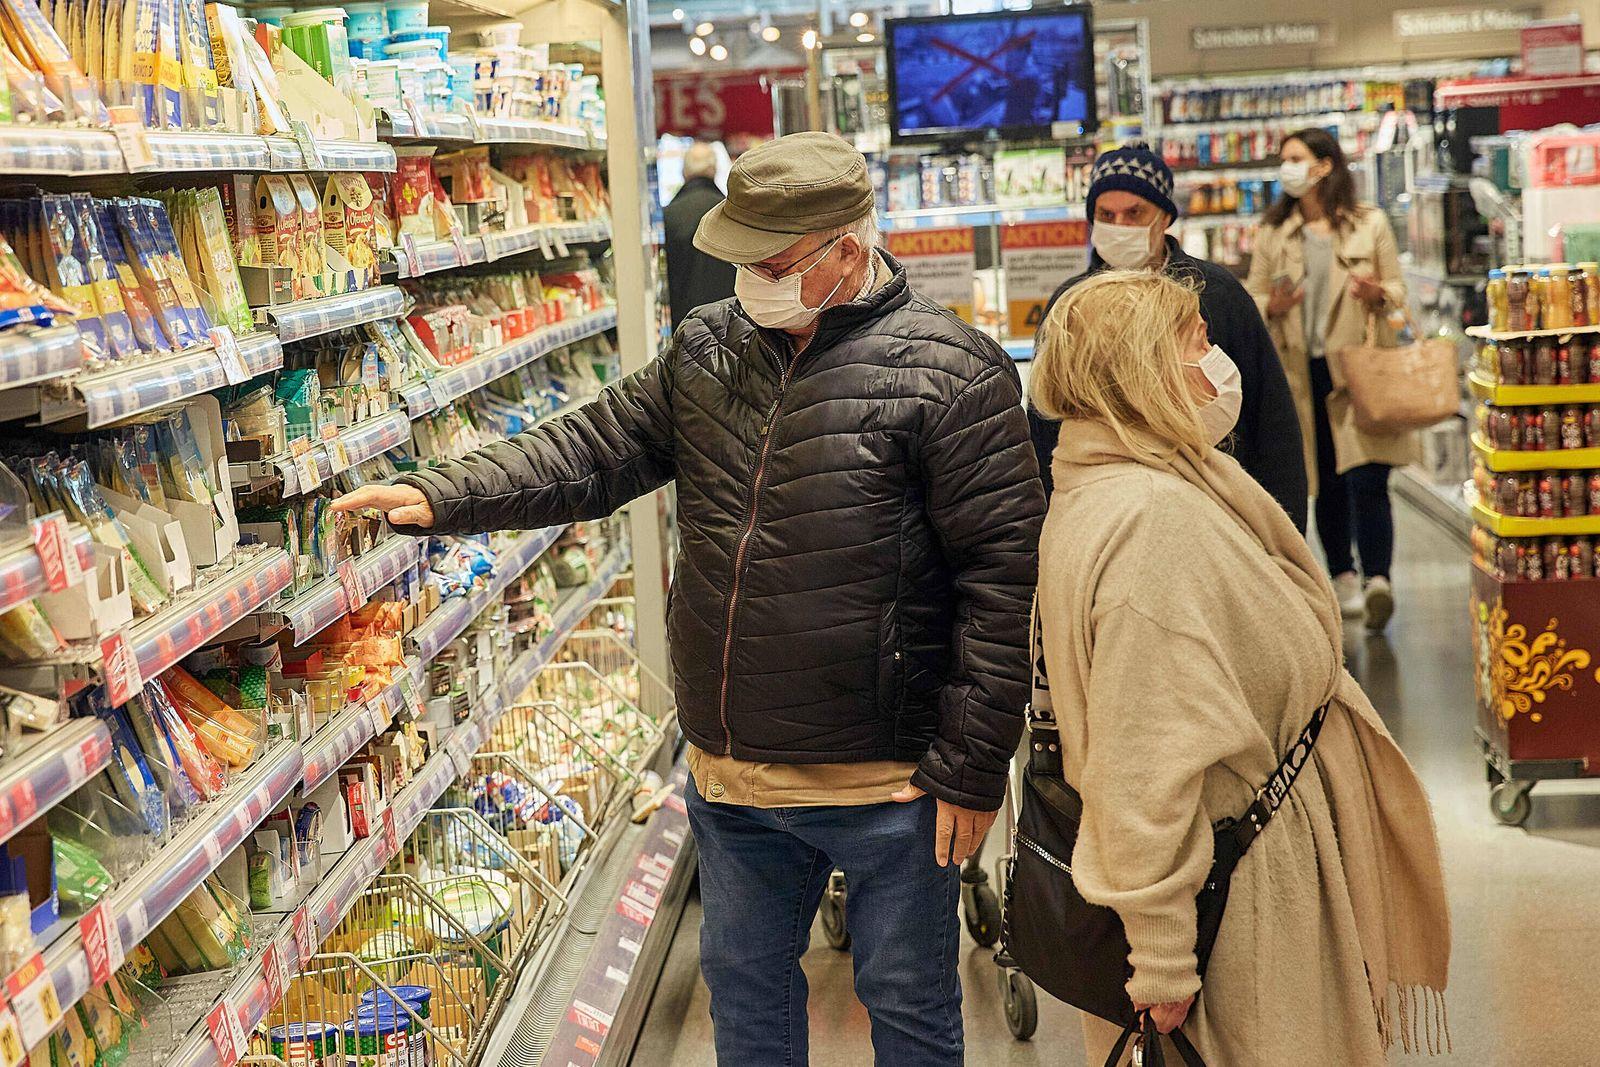 - Wien 01.04.2020 - Coronavirus Krise - Maskenpflicht - Als Konsequenz aus der schnellen Verbreitung des Coronavirus is